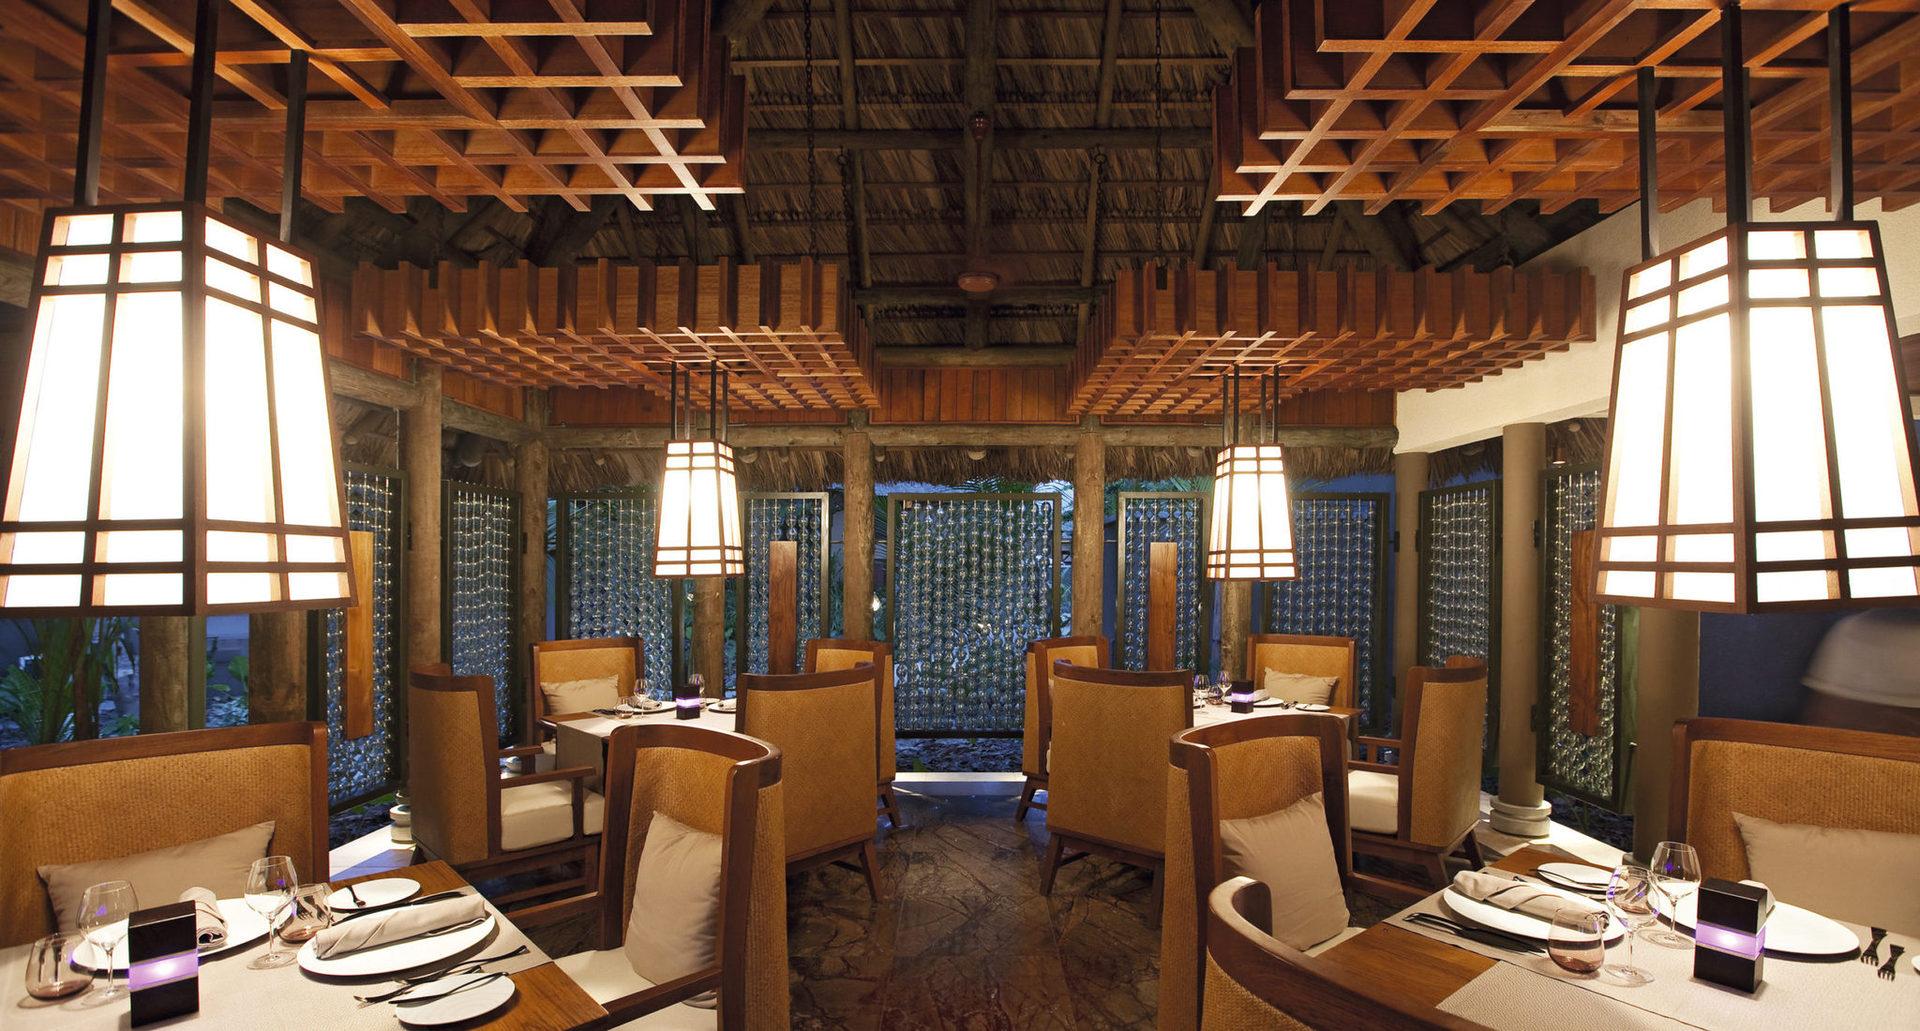 Рекомендуем посетить ресторан Cyann, который расположен на склоне холма. Заведение открыто в течение дня, а по вечерам специализируется на высокой fusion-кухне с французско-азиатским акцентом. Бар Cyann имеет открытую террасу, где можно выкурить кубинскую сигару, насладиться выдержаным ромом, саке, виски или коктейлем.